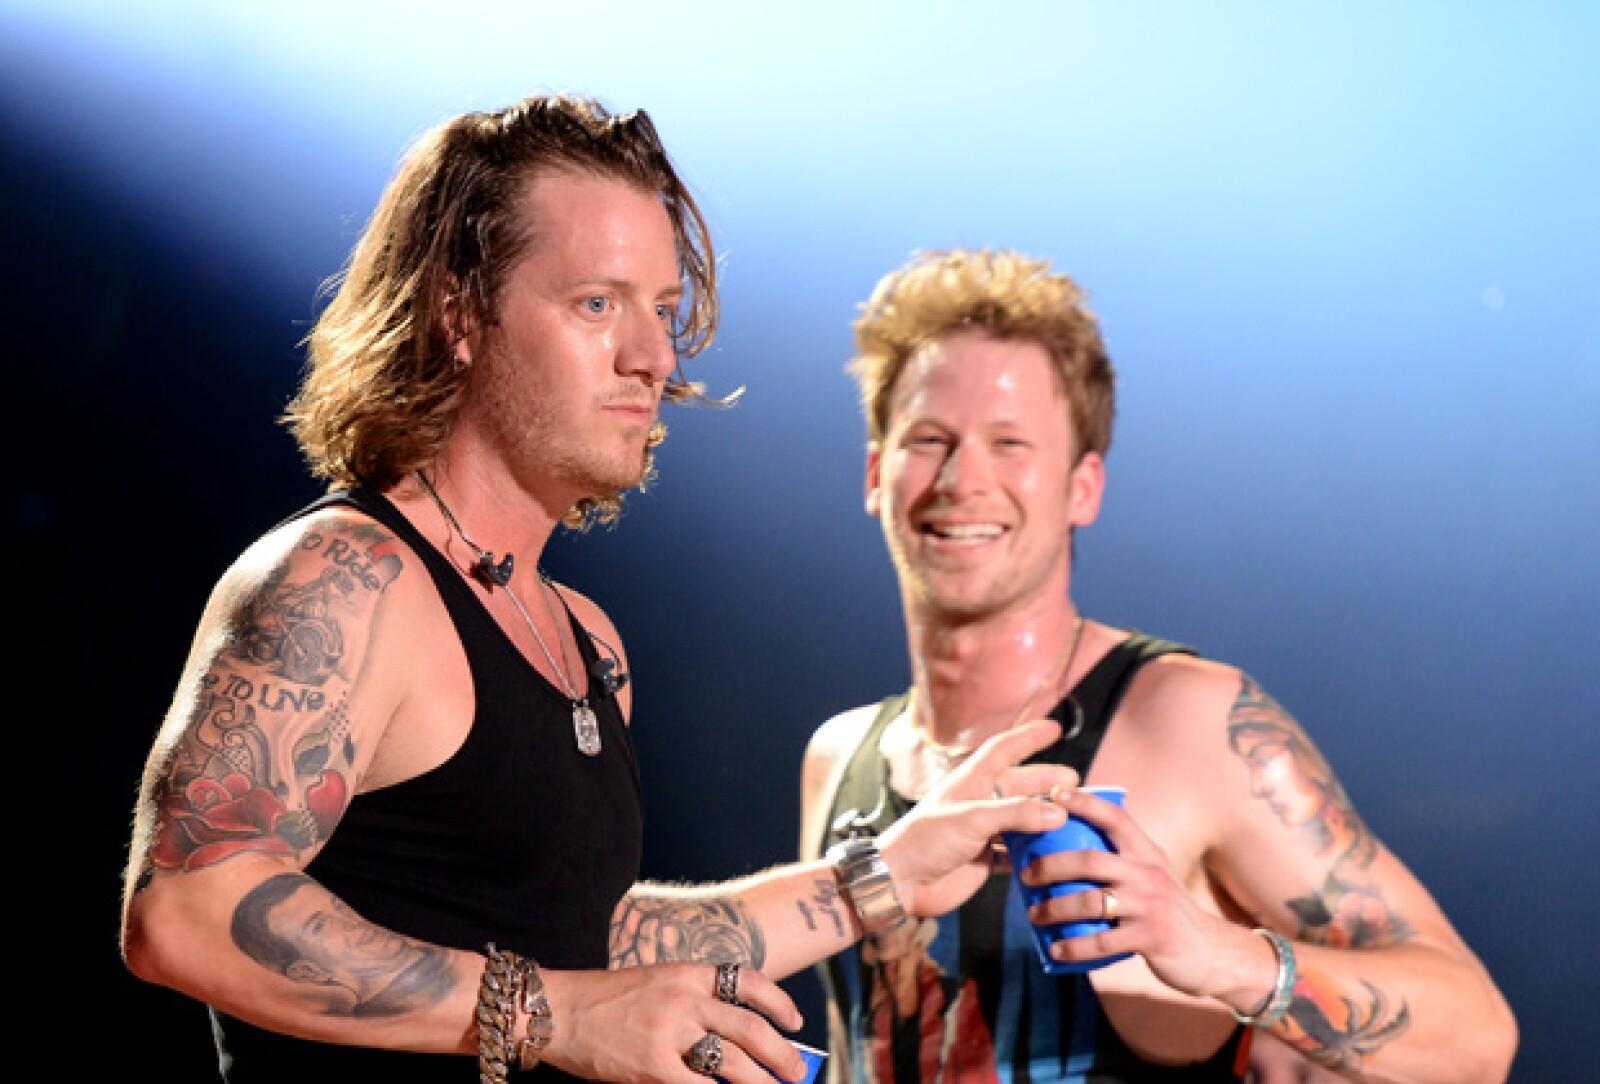 Tyler y Brian de Florida Georgia Line hacen una explosión de sexytud cuando están juntos en el escenario.